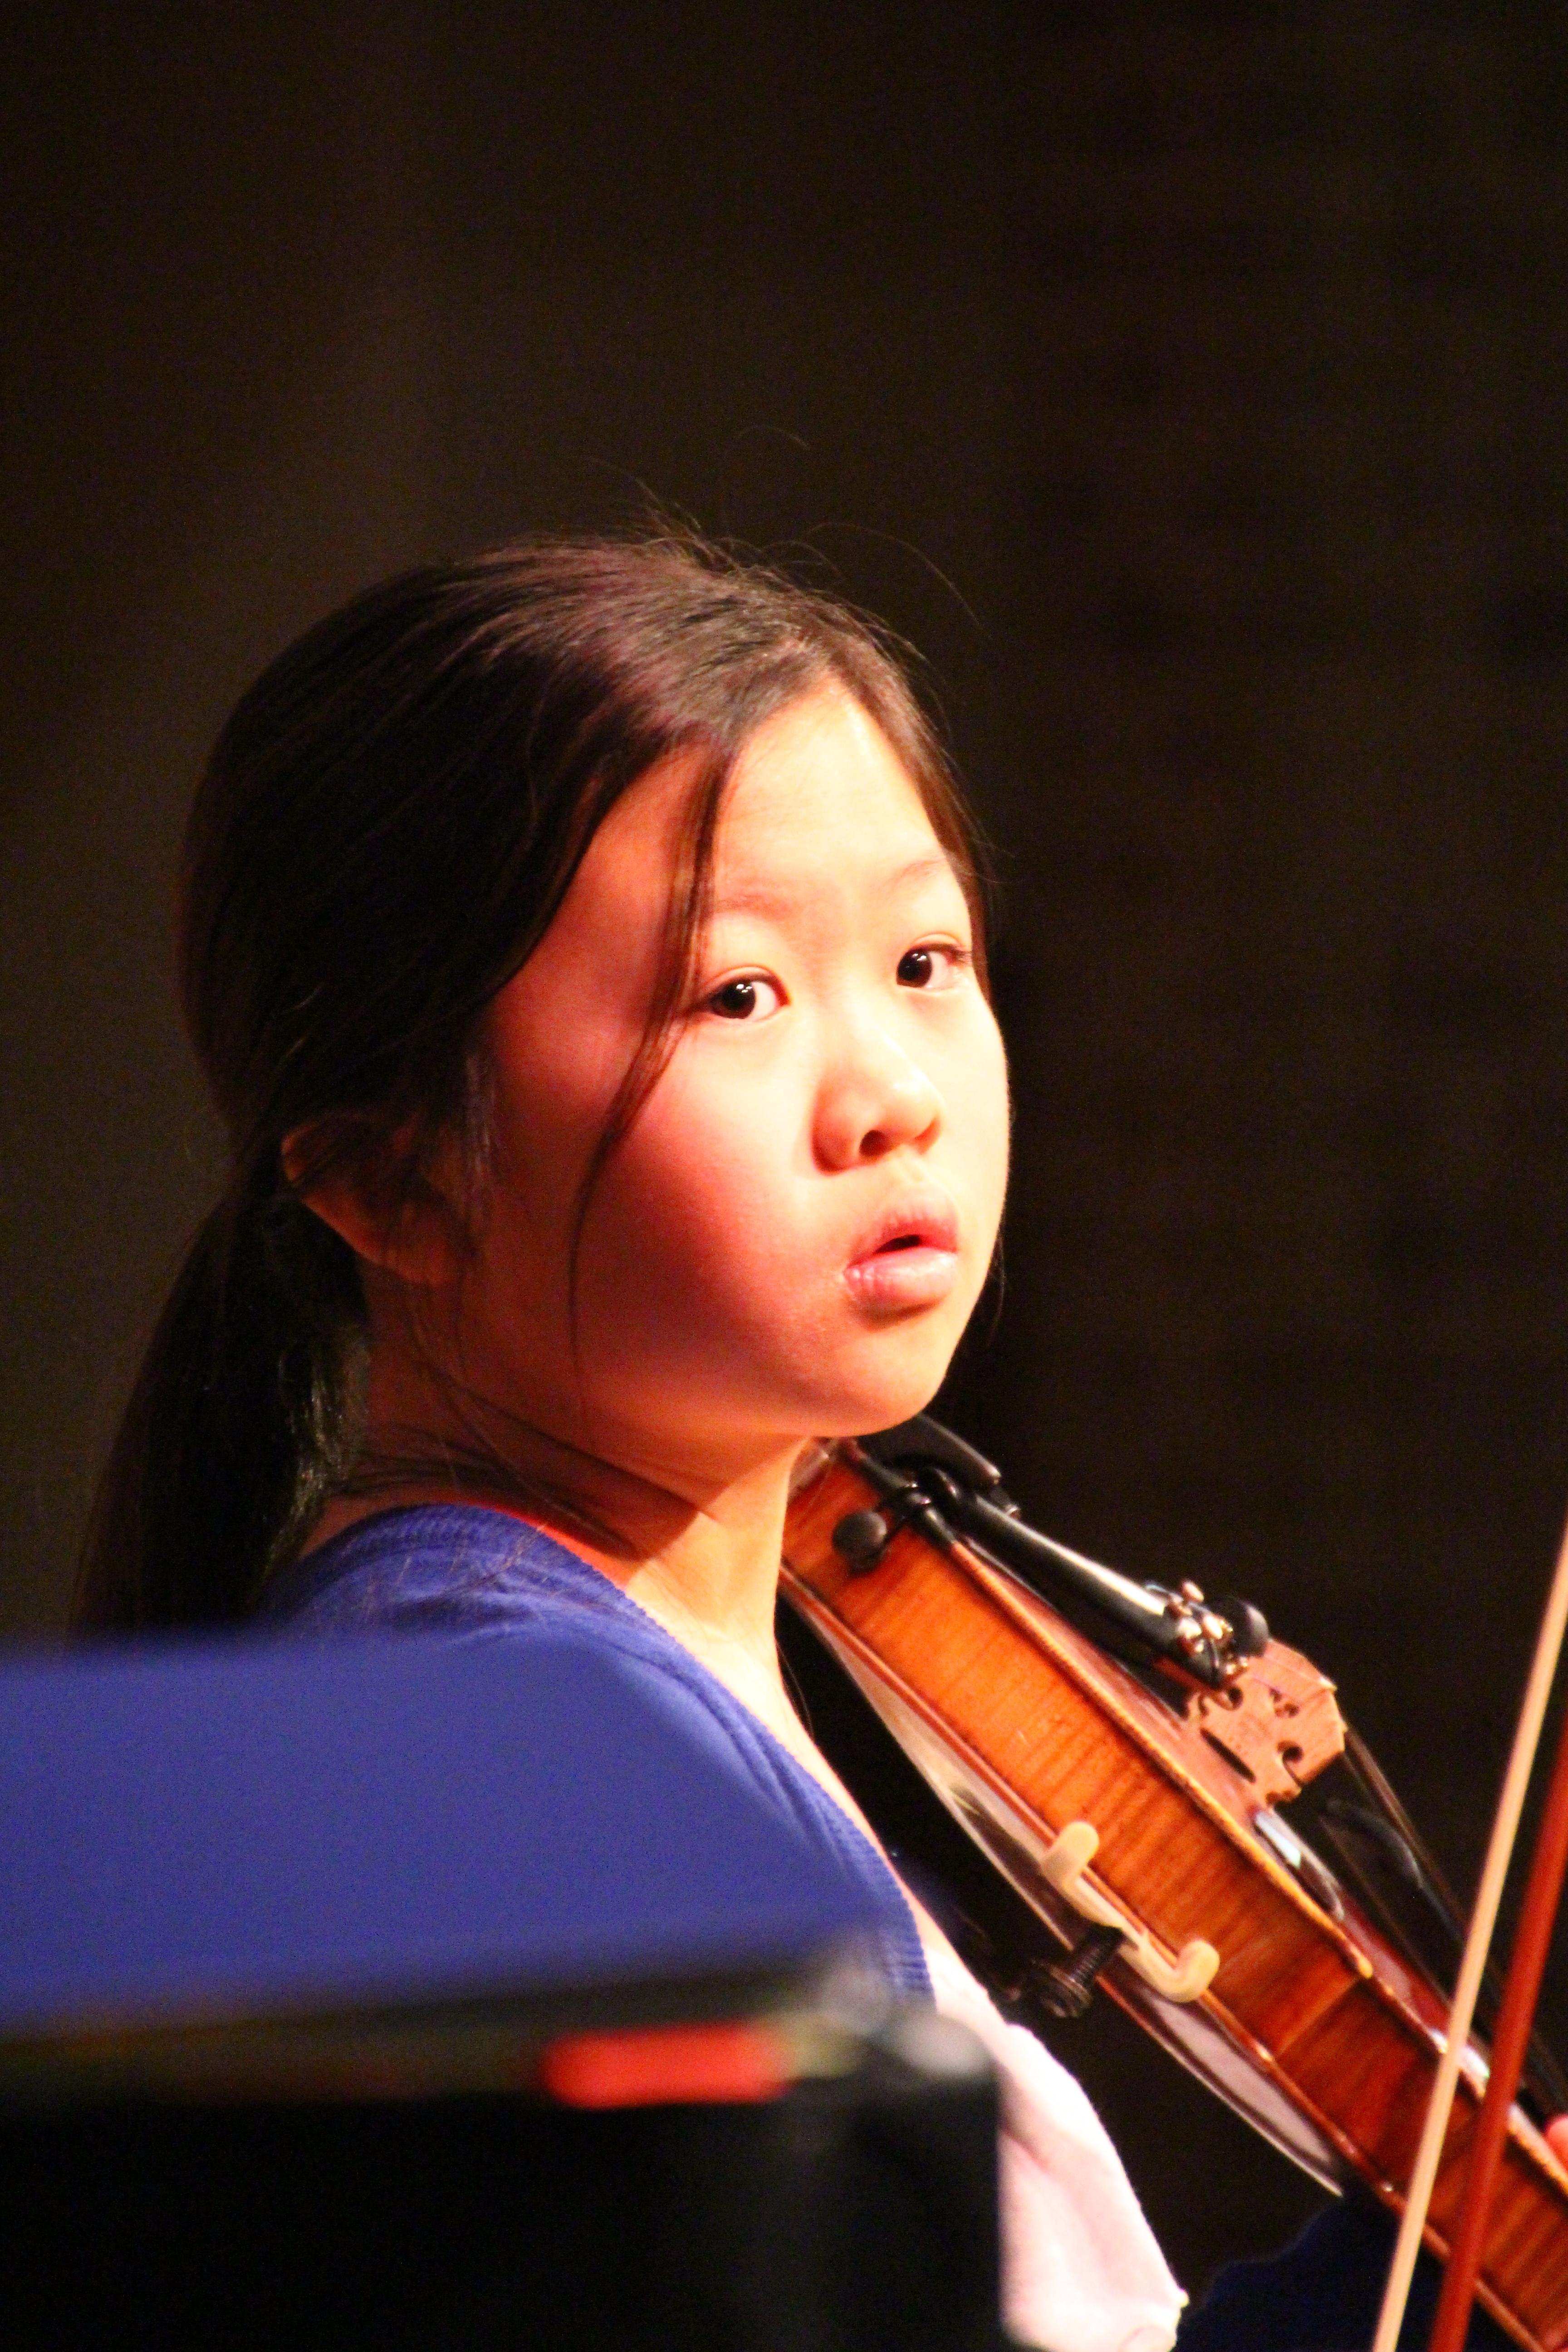 Megan Lin - Bilder, News, Infos aus dem Web - photo#32